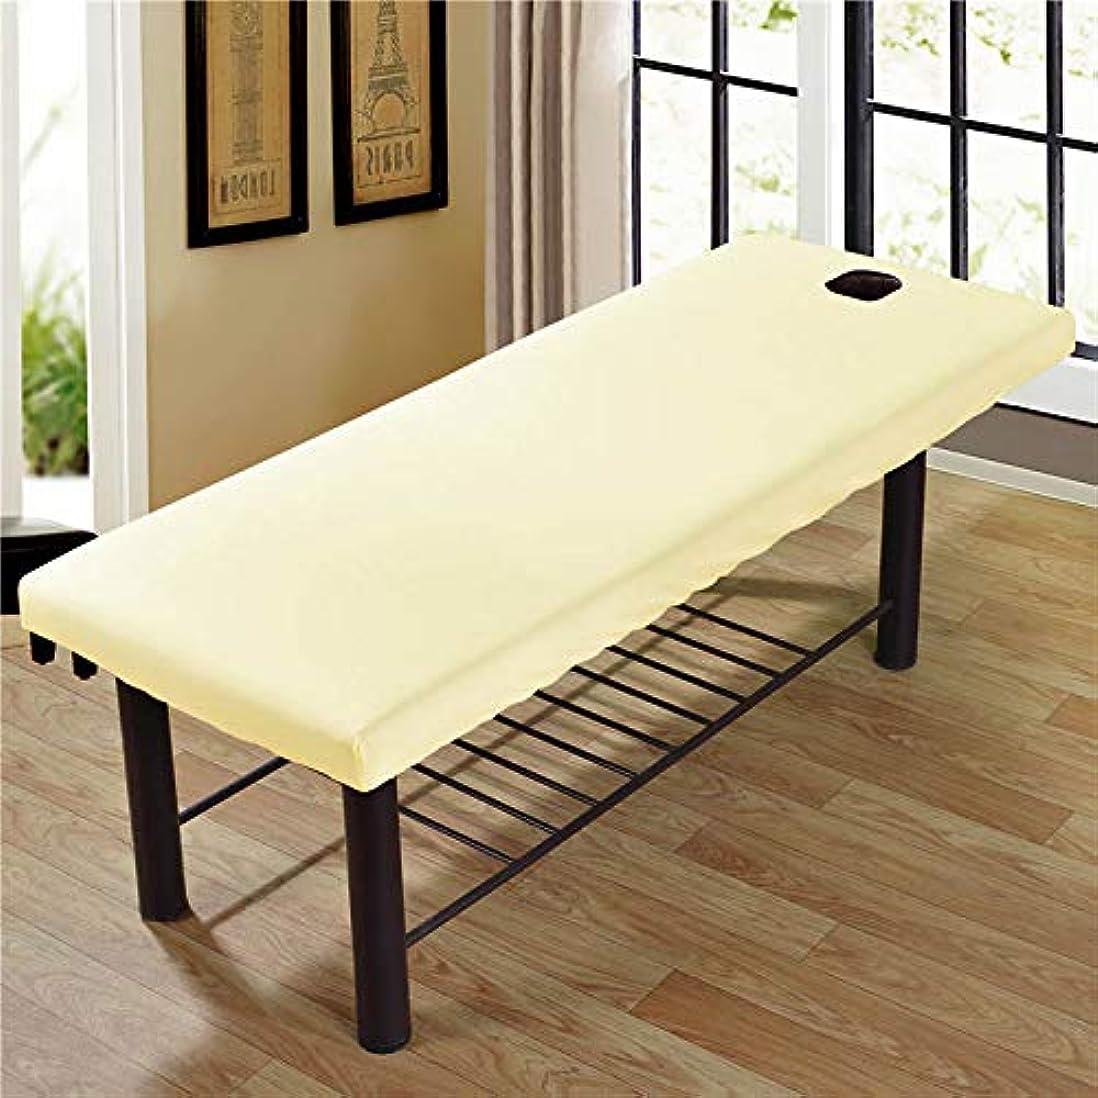 コミュニティ辛なアダルトTenflyer?美容院のマッサージ療法のベッドのための柔らかいSoliod色の長方形のマットレス